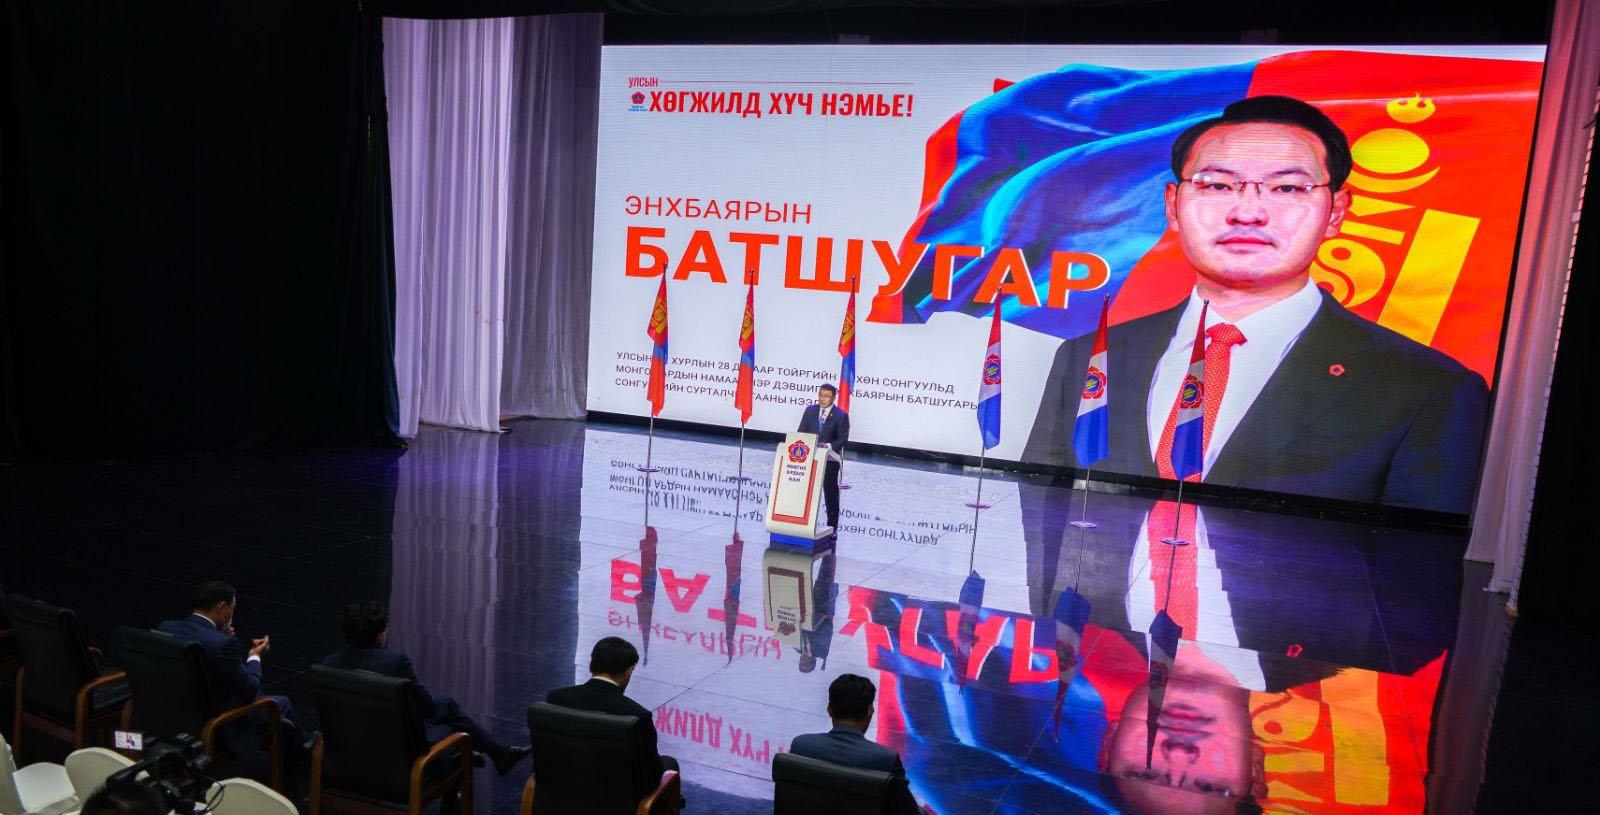 МАН-аас нэр дэвшигч Э.Батшугарын сонгуулийн сурталчилгааны нээлт боллоо